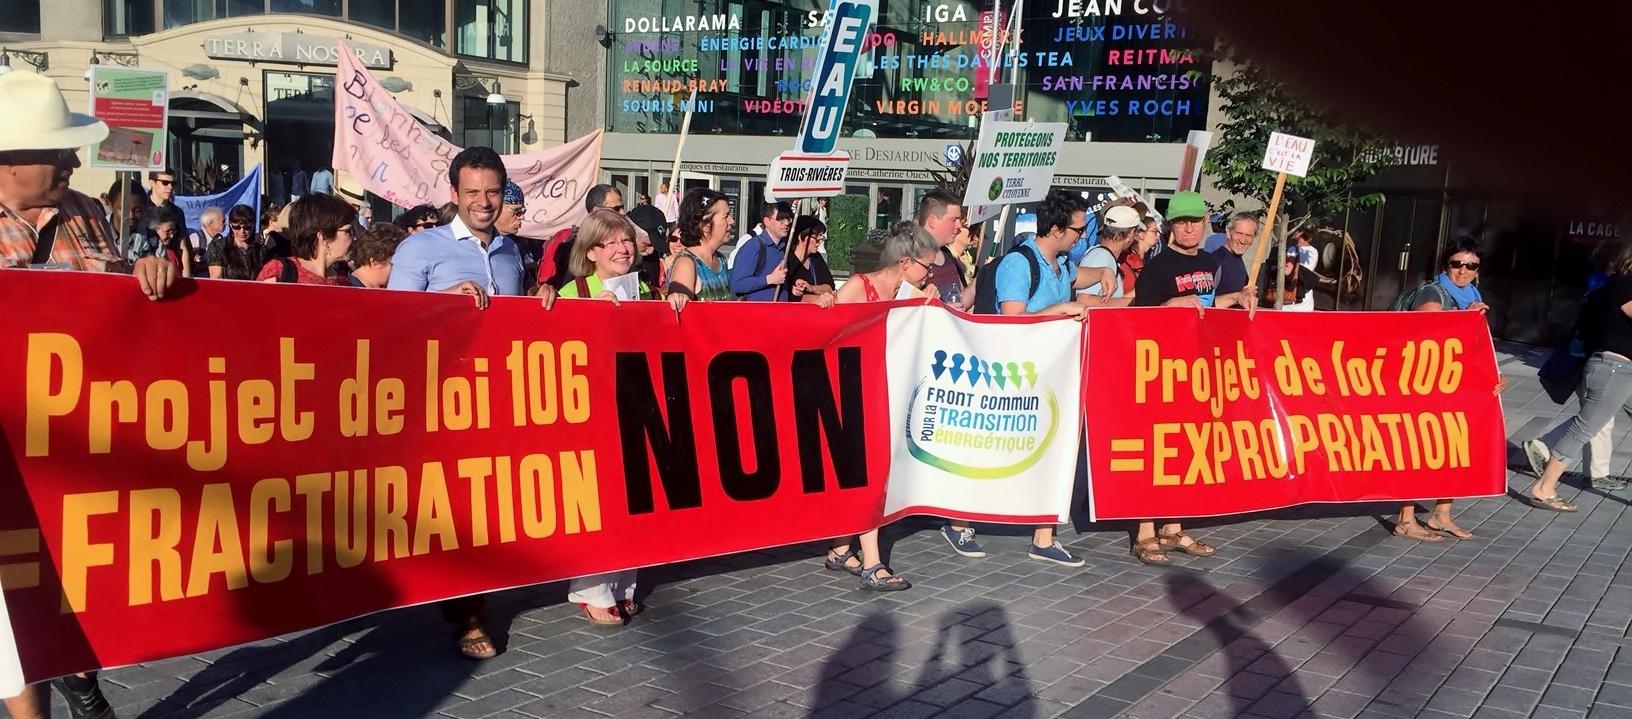 Ouverture du Forum social mondial le 9 août 2016 : le Front commun pour la transition énergétique marche contre le projet de loi sur les hydrocarbures. La bannière est l'oeuvre de Louis Casavant. Photo Joceline Sanschagrin.